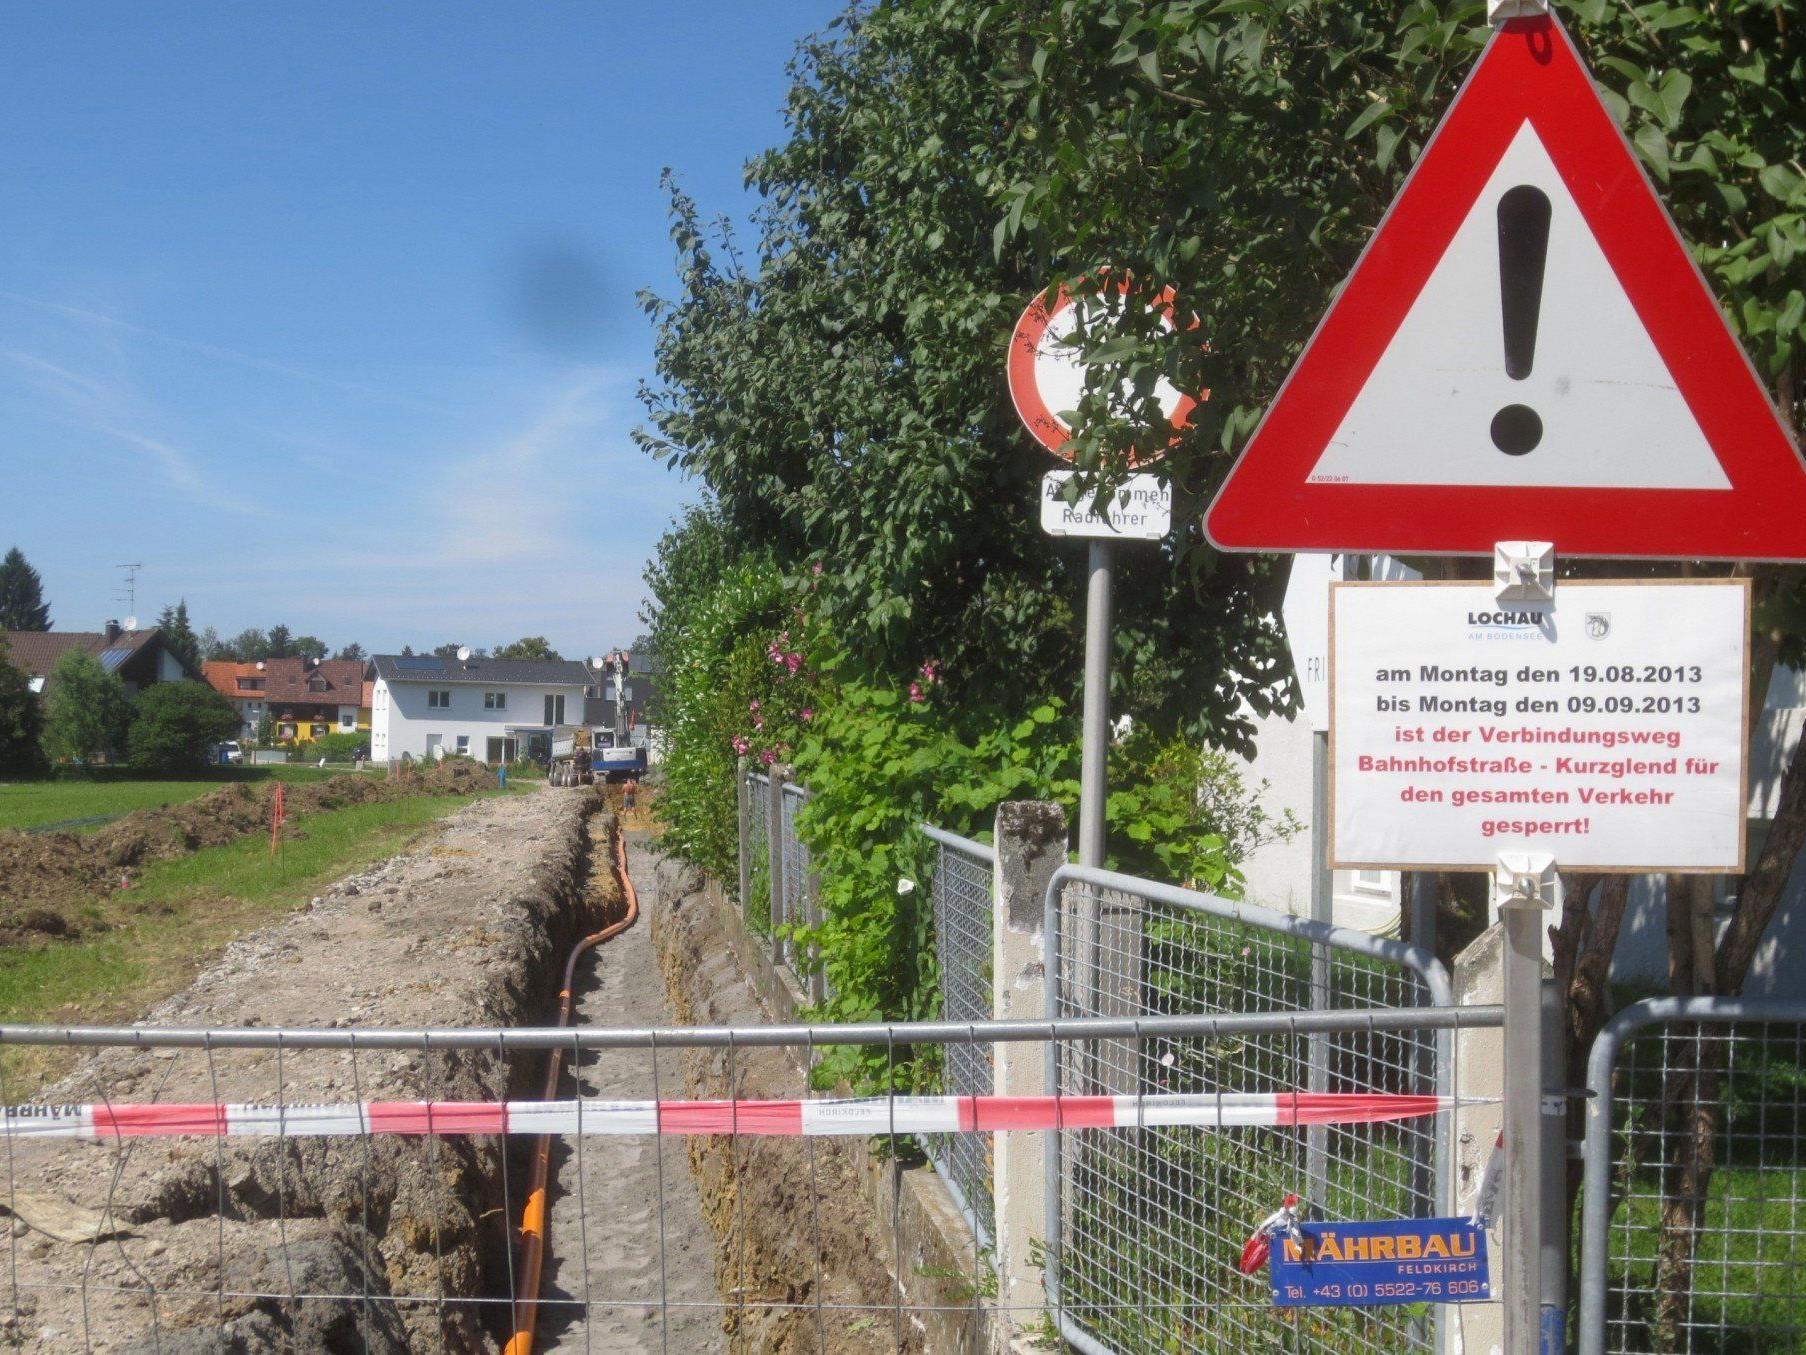 Der Kurzglend-Weg wird erneuert und bleibt daher für Fußgänger und Radfahrer gesperrt.